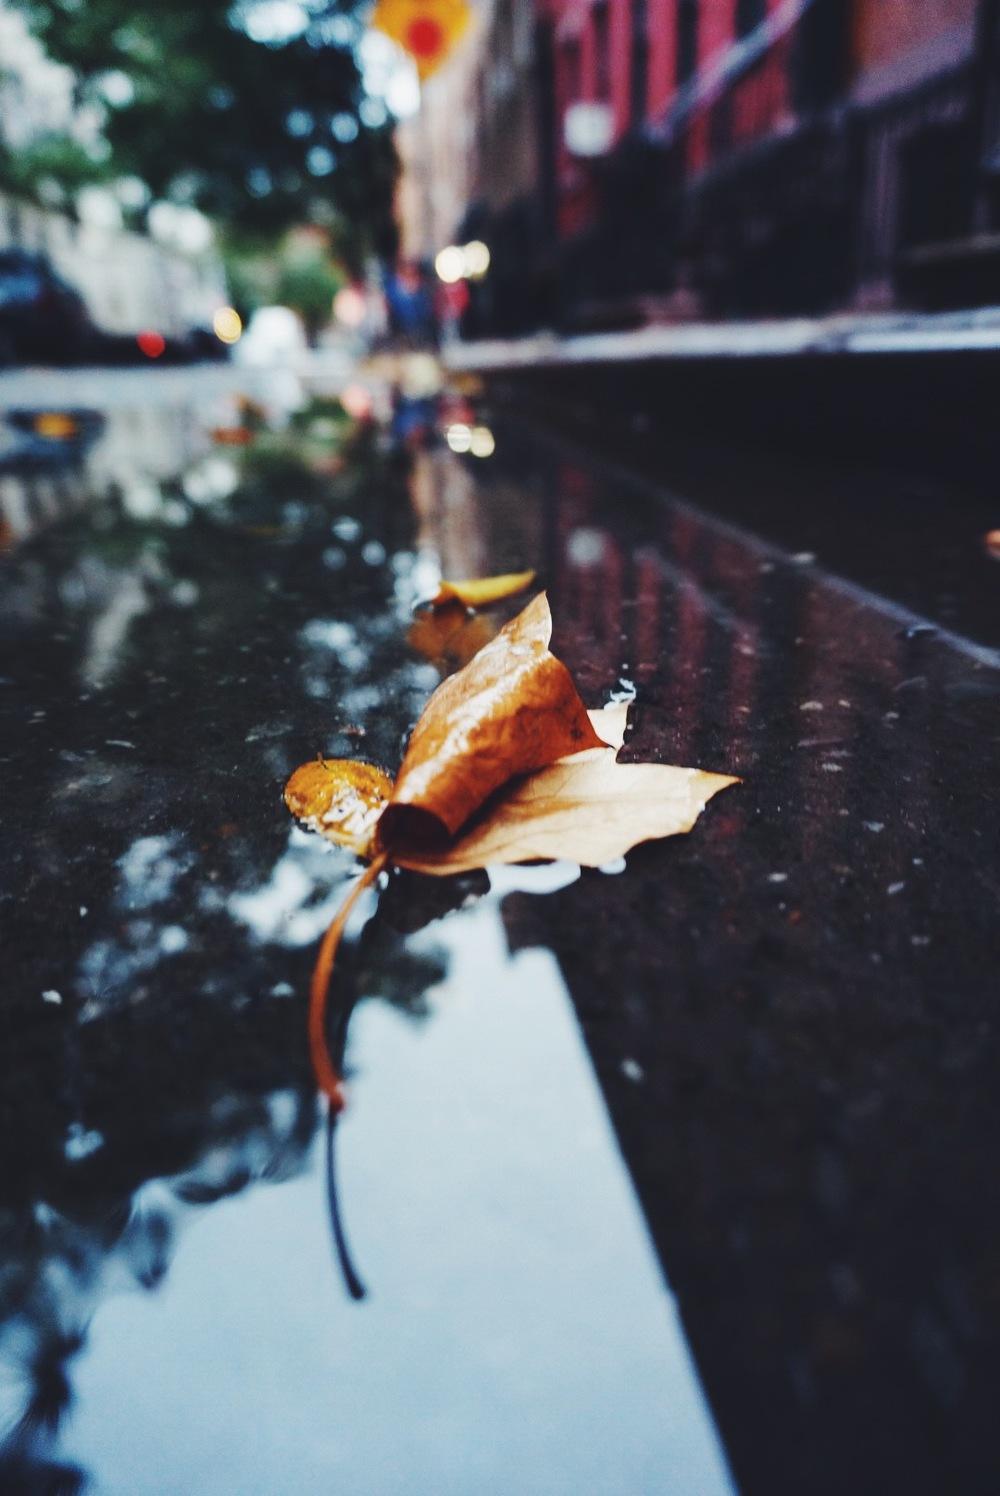 2014-10-23 21.52.31-1.jpg